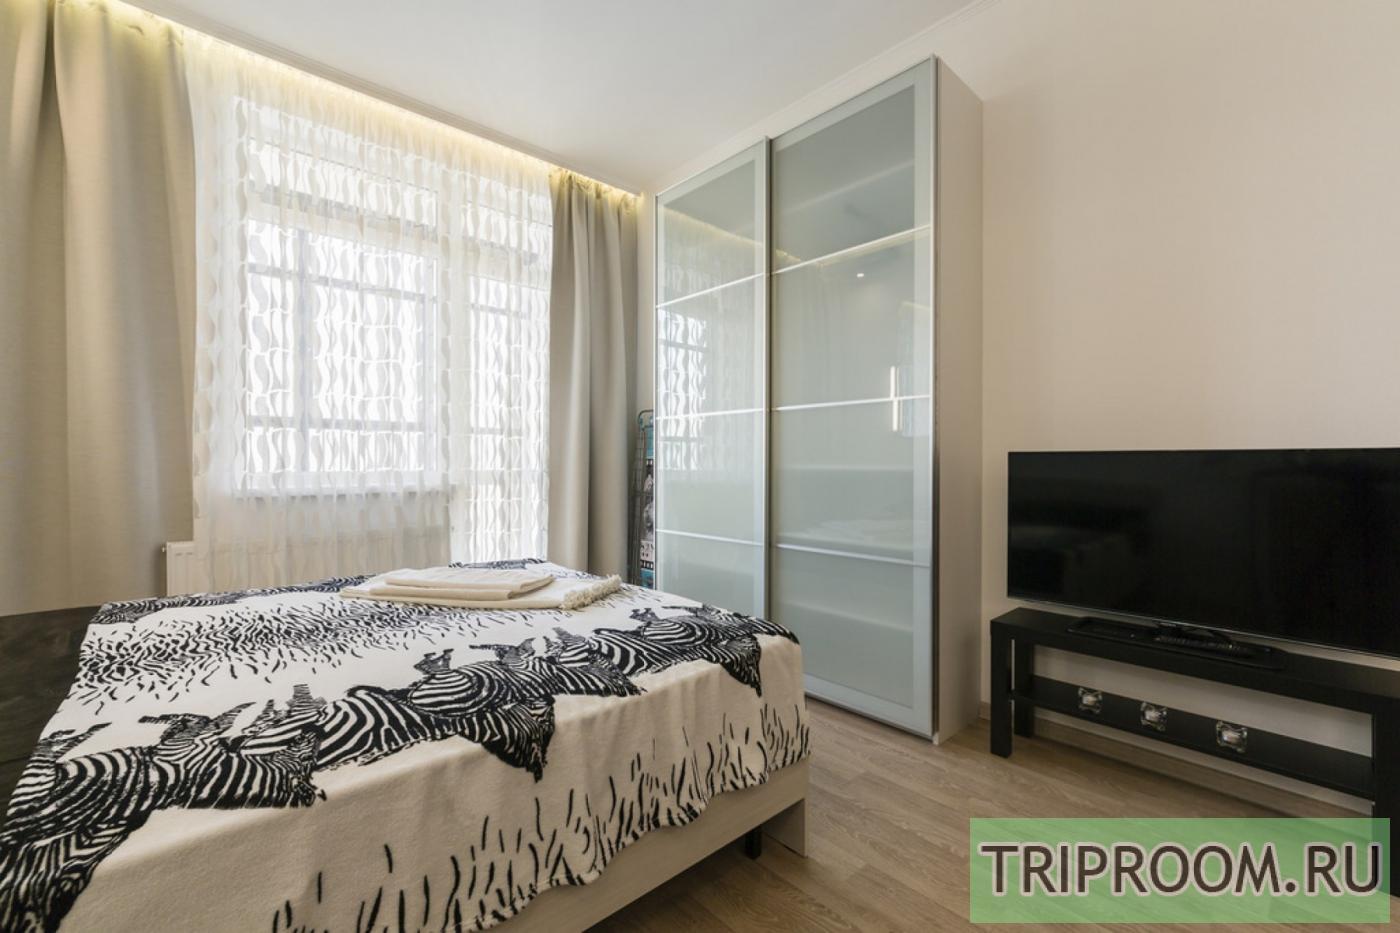 1-комнатная квартира посуточно (вариант № 18461), ул. Адмирала Черокова улица, фото № 8